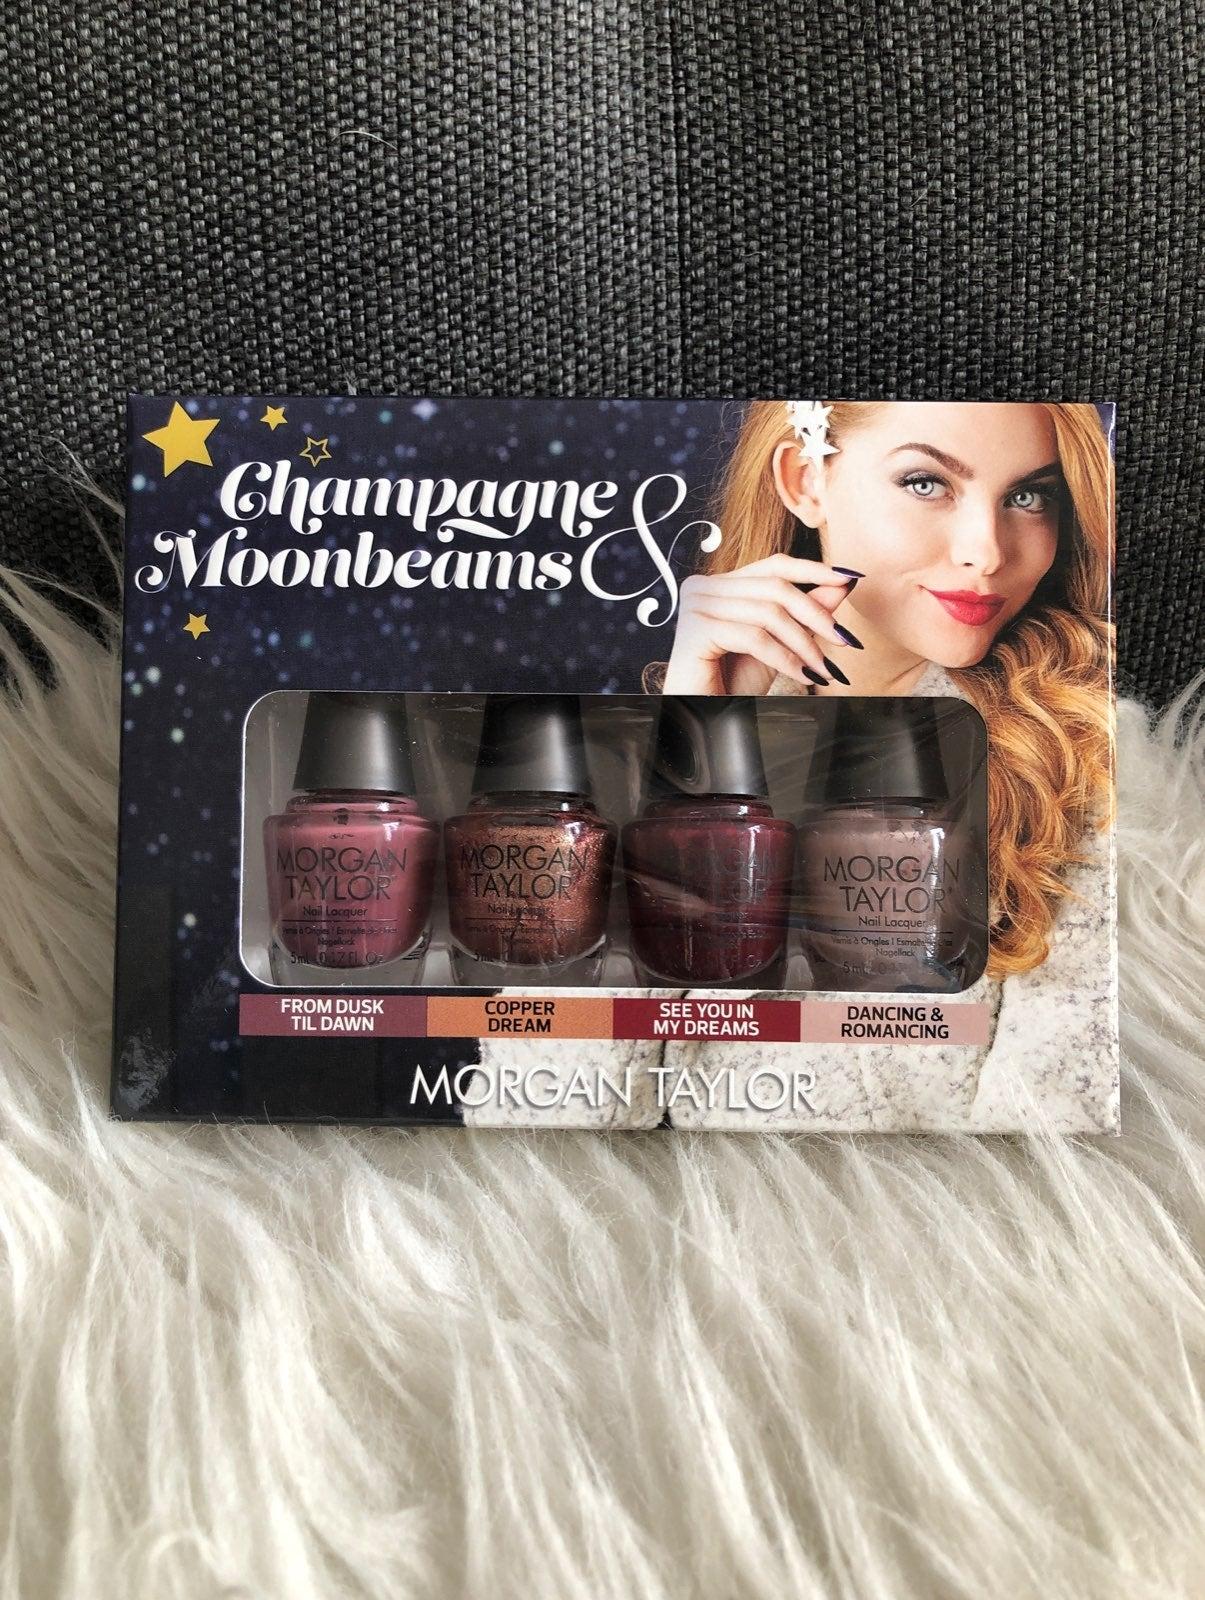 Morgan Taylor Champagne Nail polish set